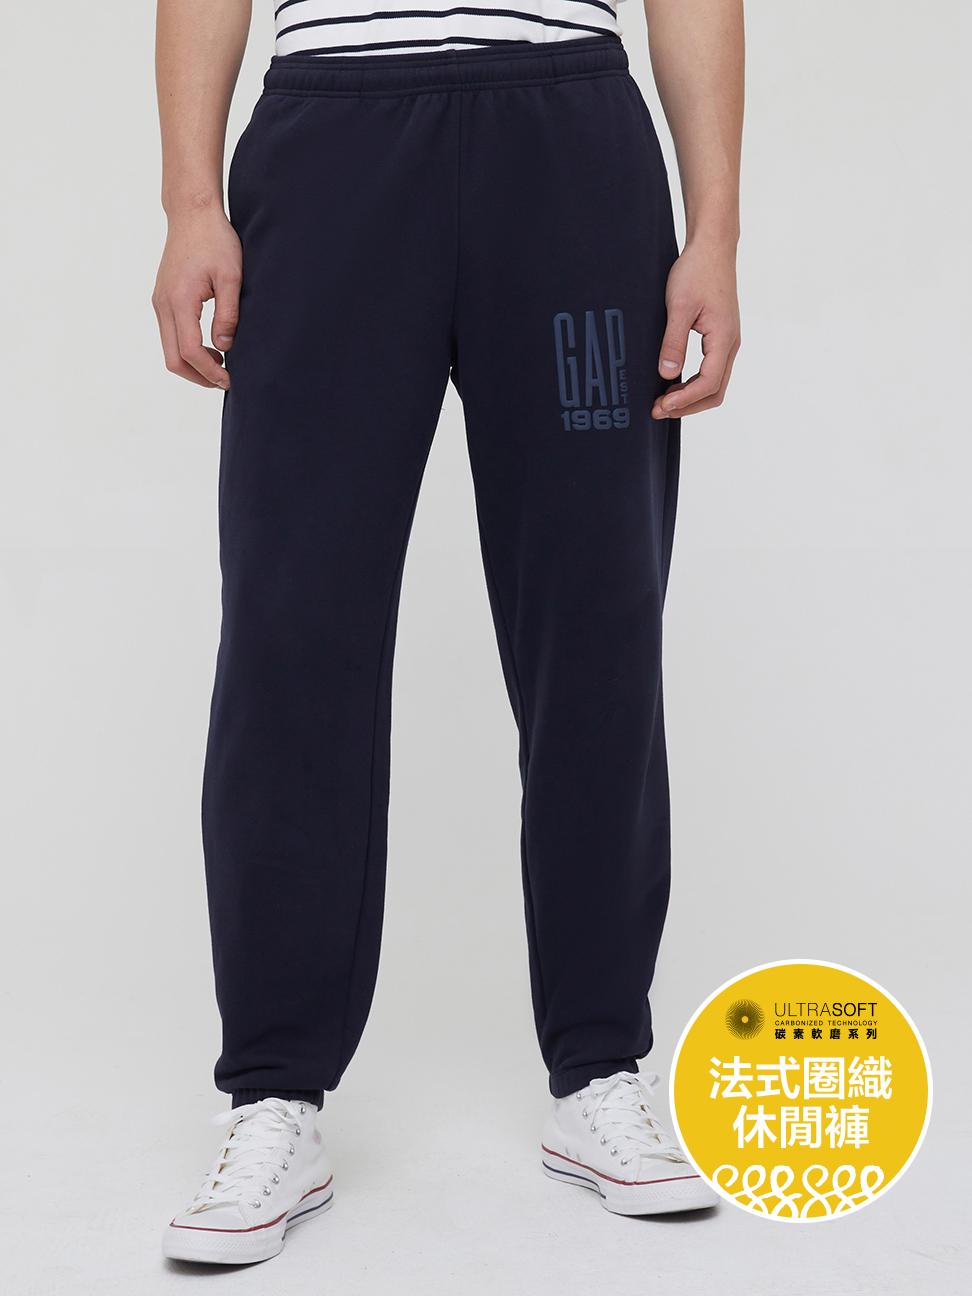 男裝 碳素軟磨系列法式圈織 Logo運動休閒褲